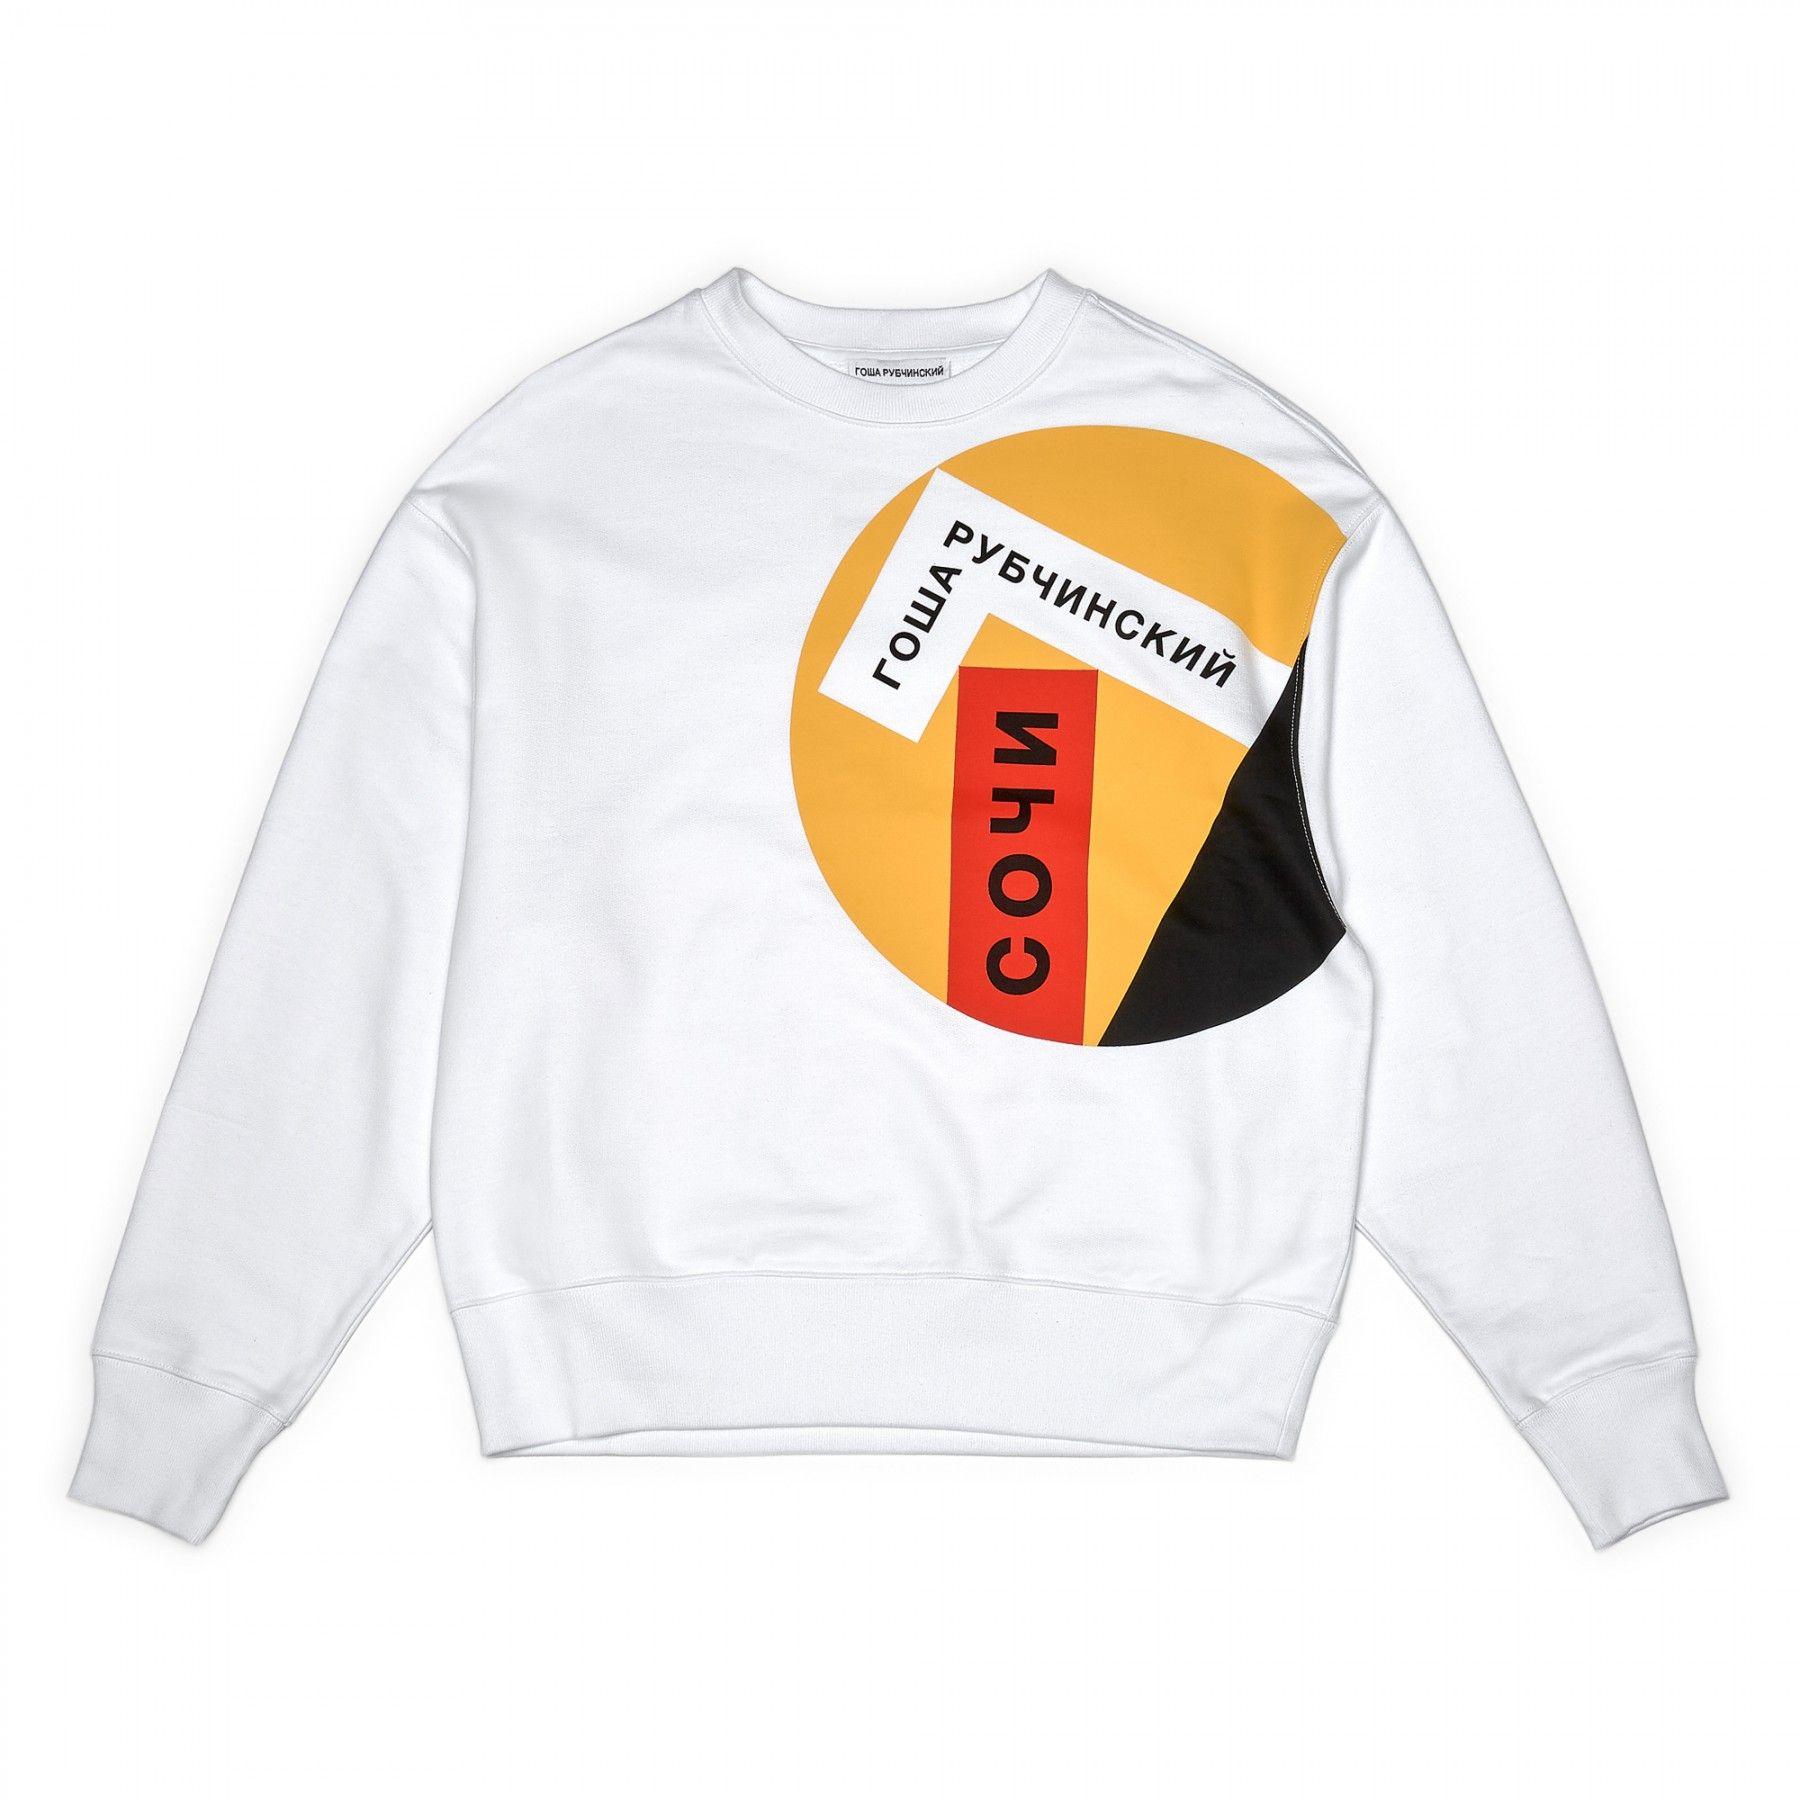 bbdf85199 Gosha Rubchinskiy x adidas World Cup Sochi Crewneck Sweatshirt (White)